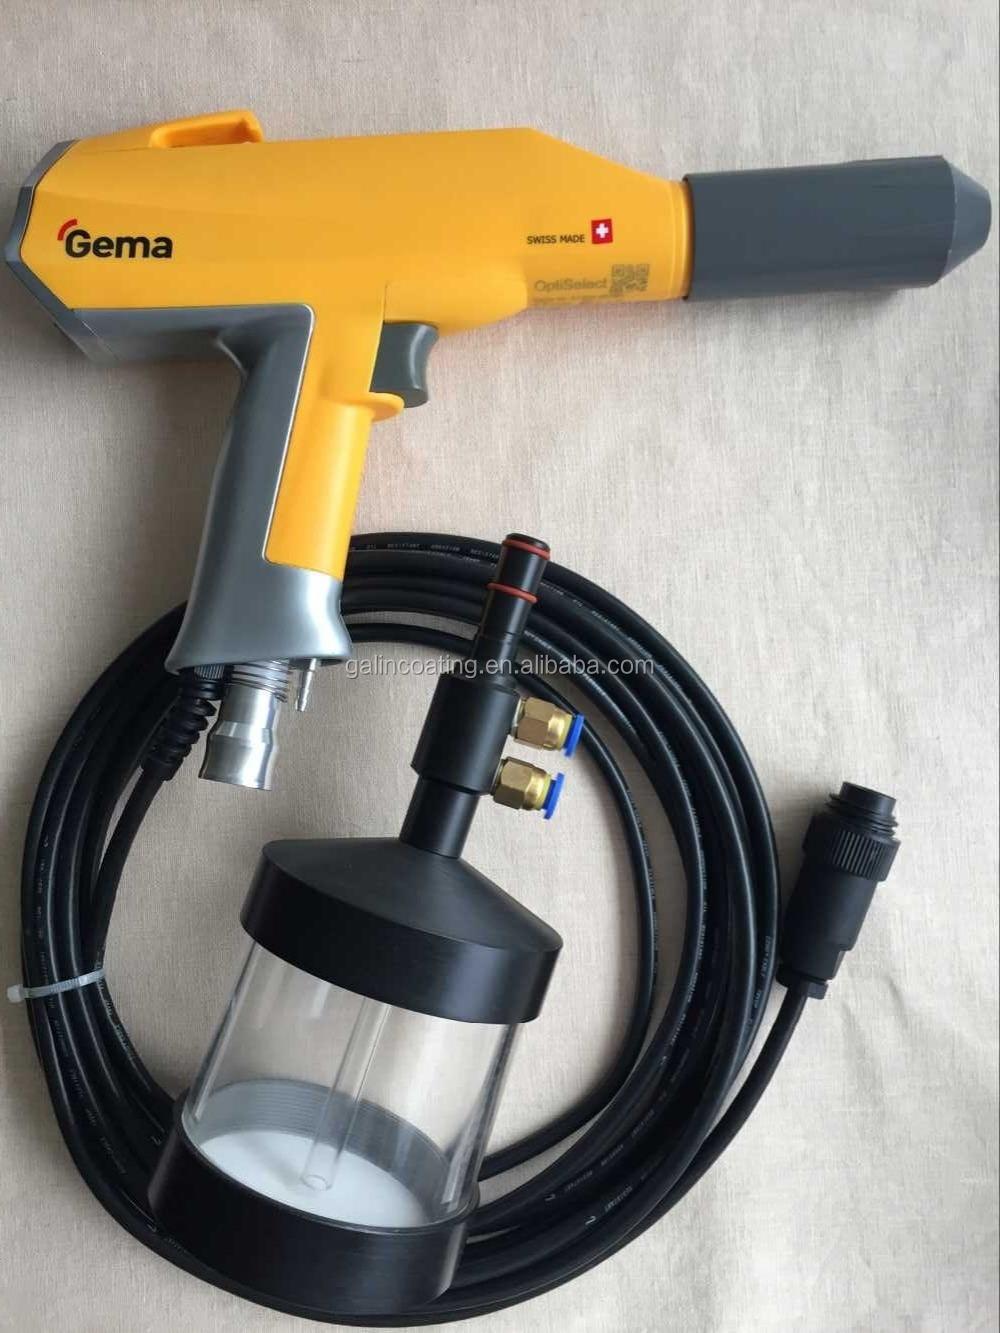 Itw Gema Experimental Electrostatic Spray Gun Buy